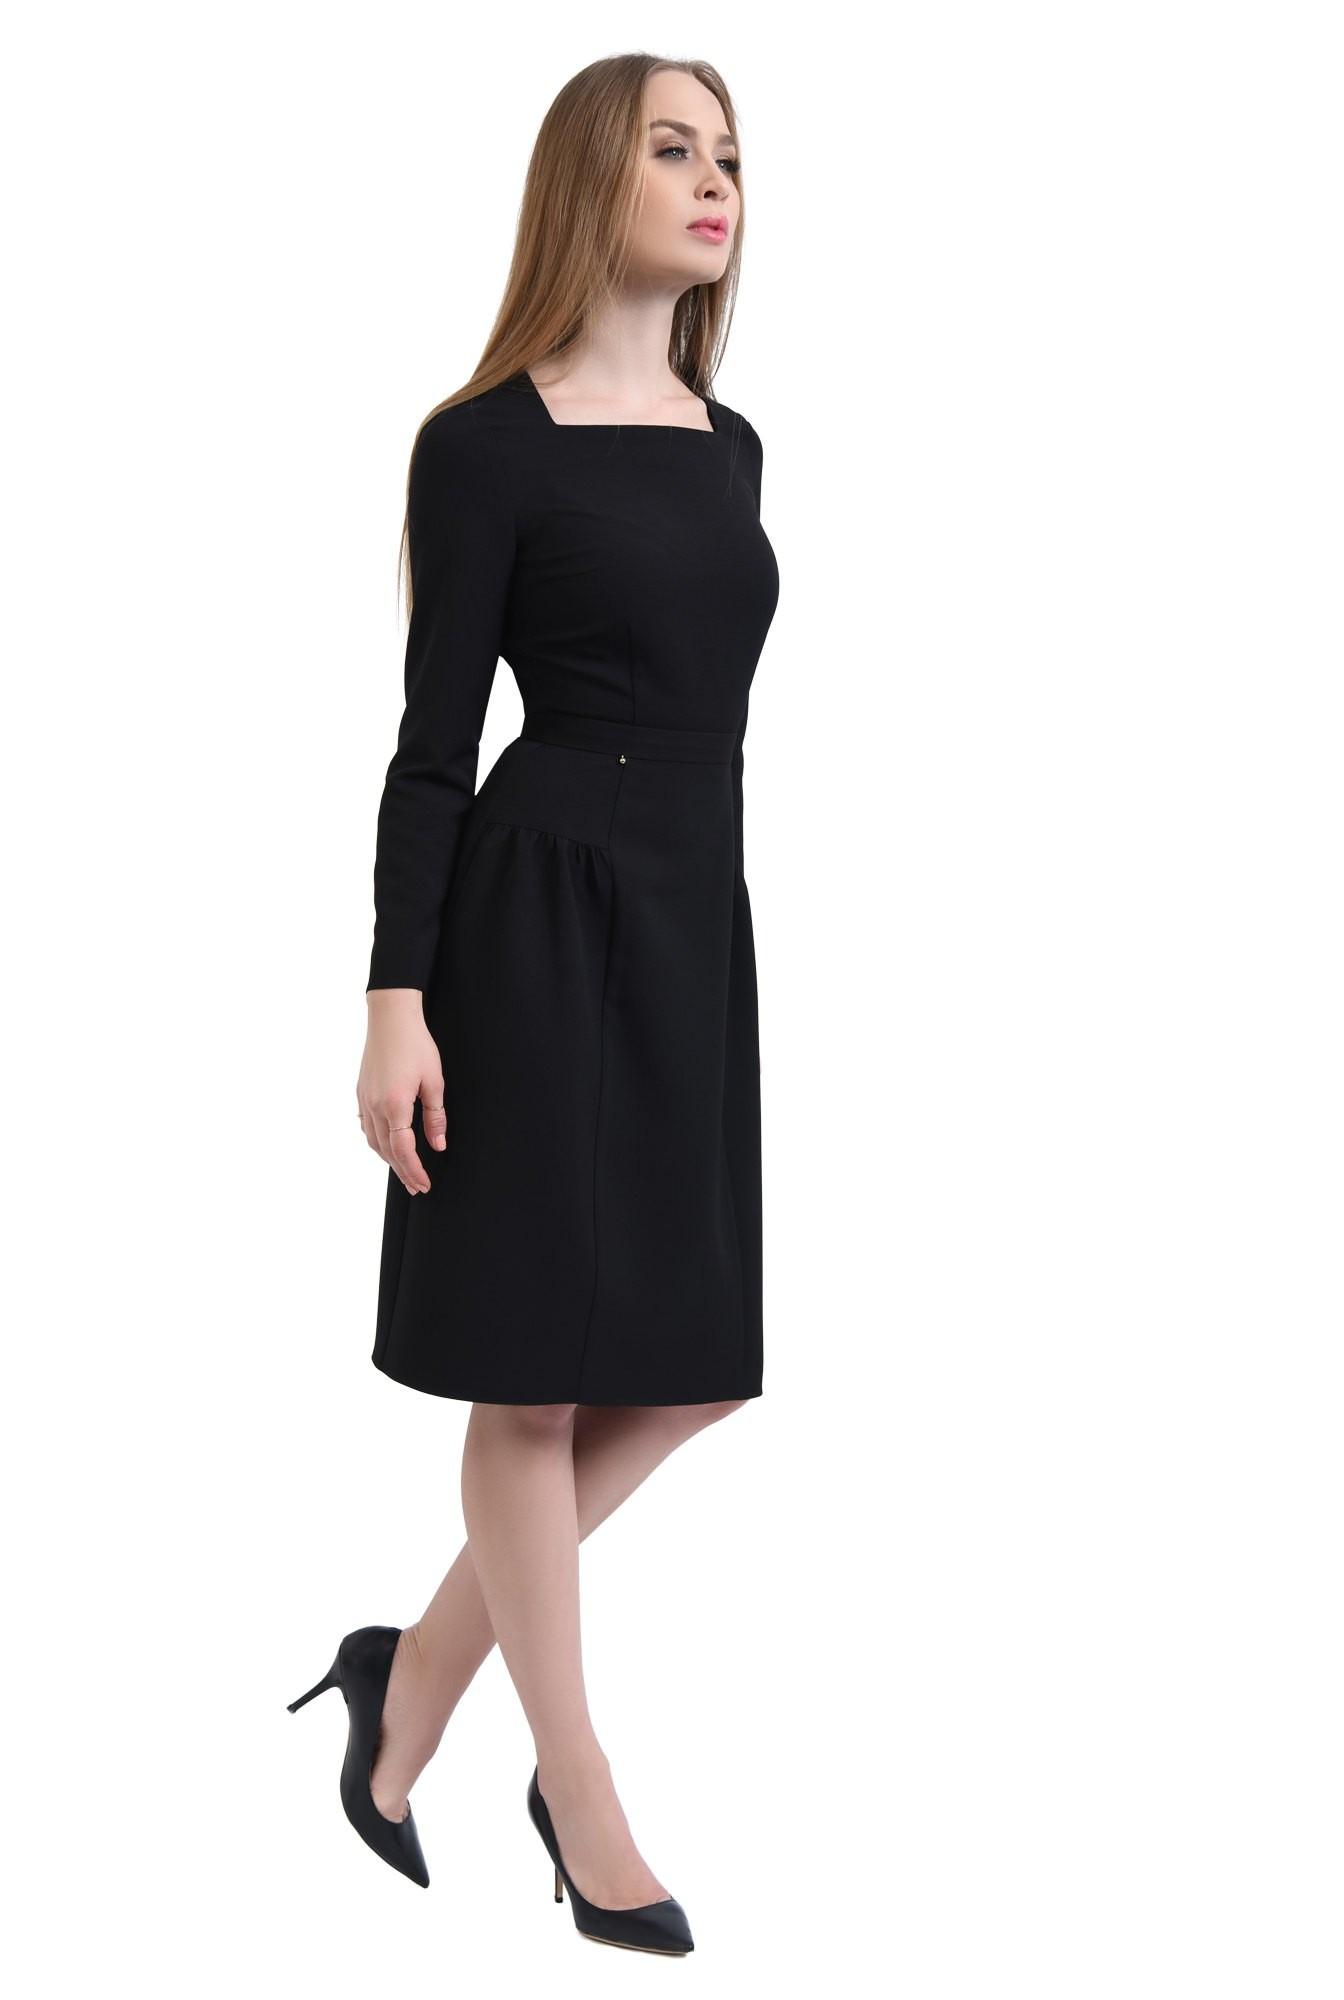 360 - rochie casual midi, inchidere cu fermoar, rochii de dama online